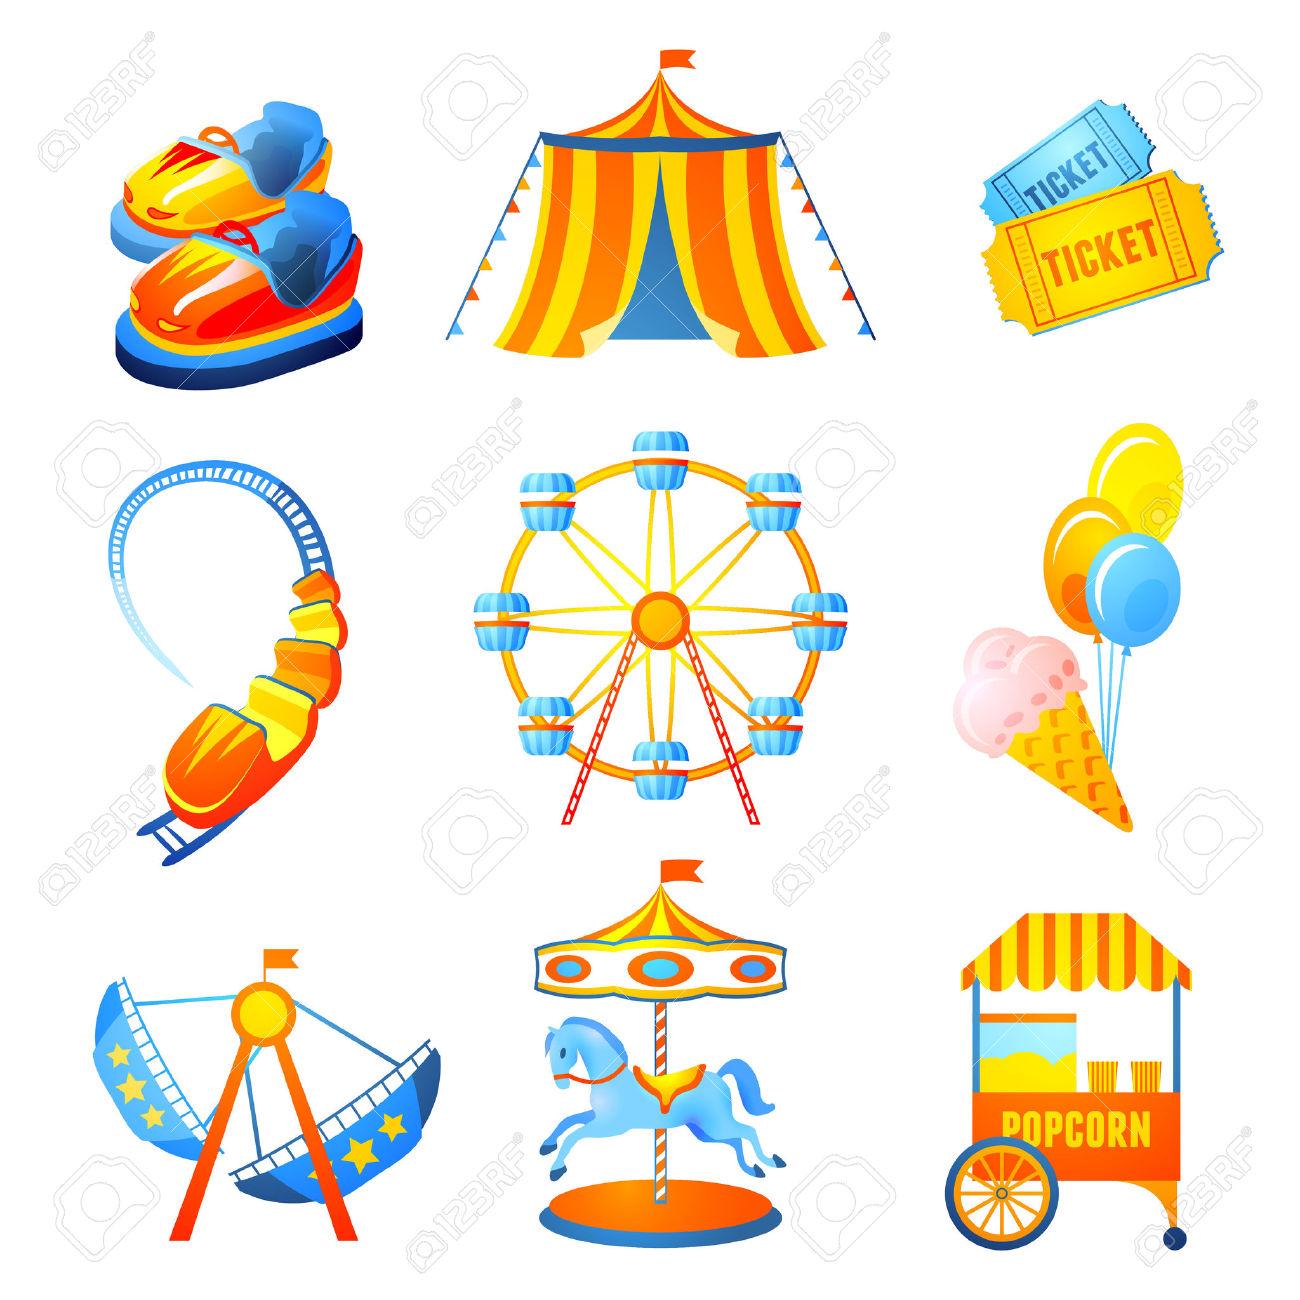 Amusement Entertainment Park Icons Set With Ferris Wheel.